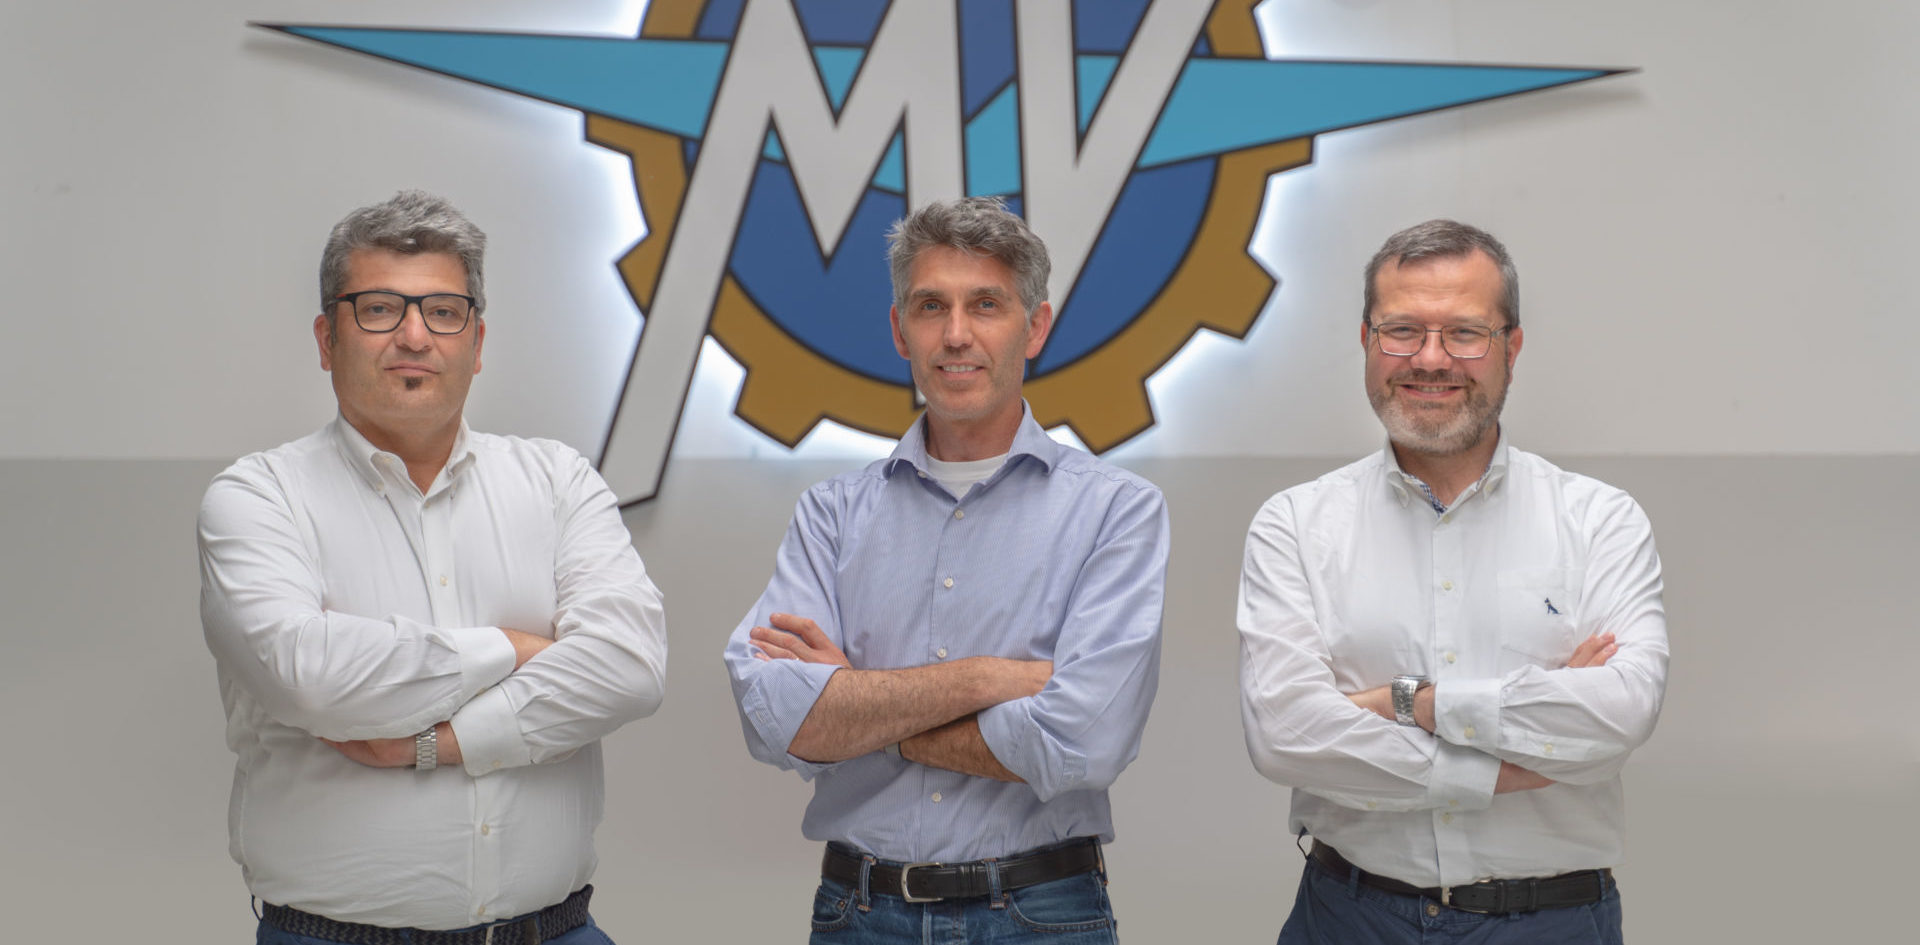 From left: Giorgio Mazzotti, Brian Gillen, and Alessandro Volpini. Photo courtesy MV Agusta.